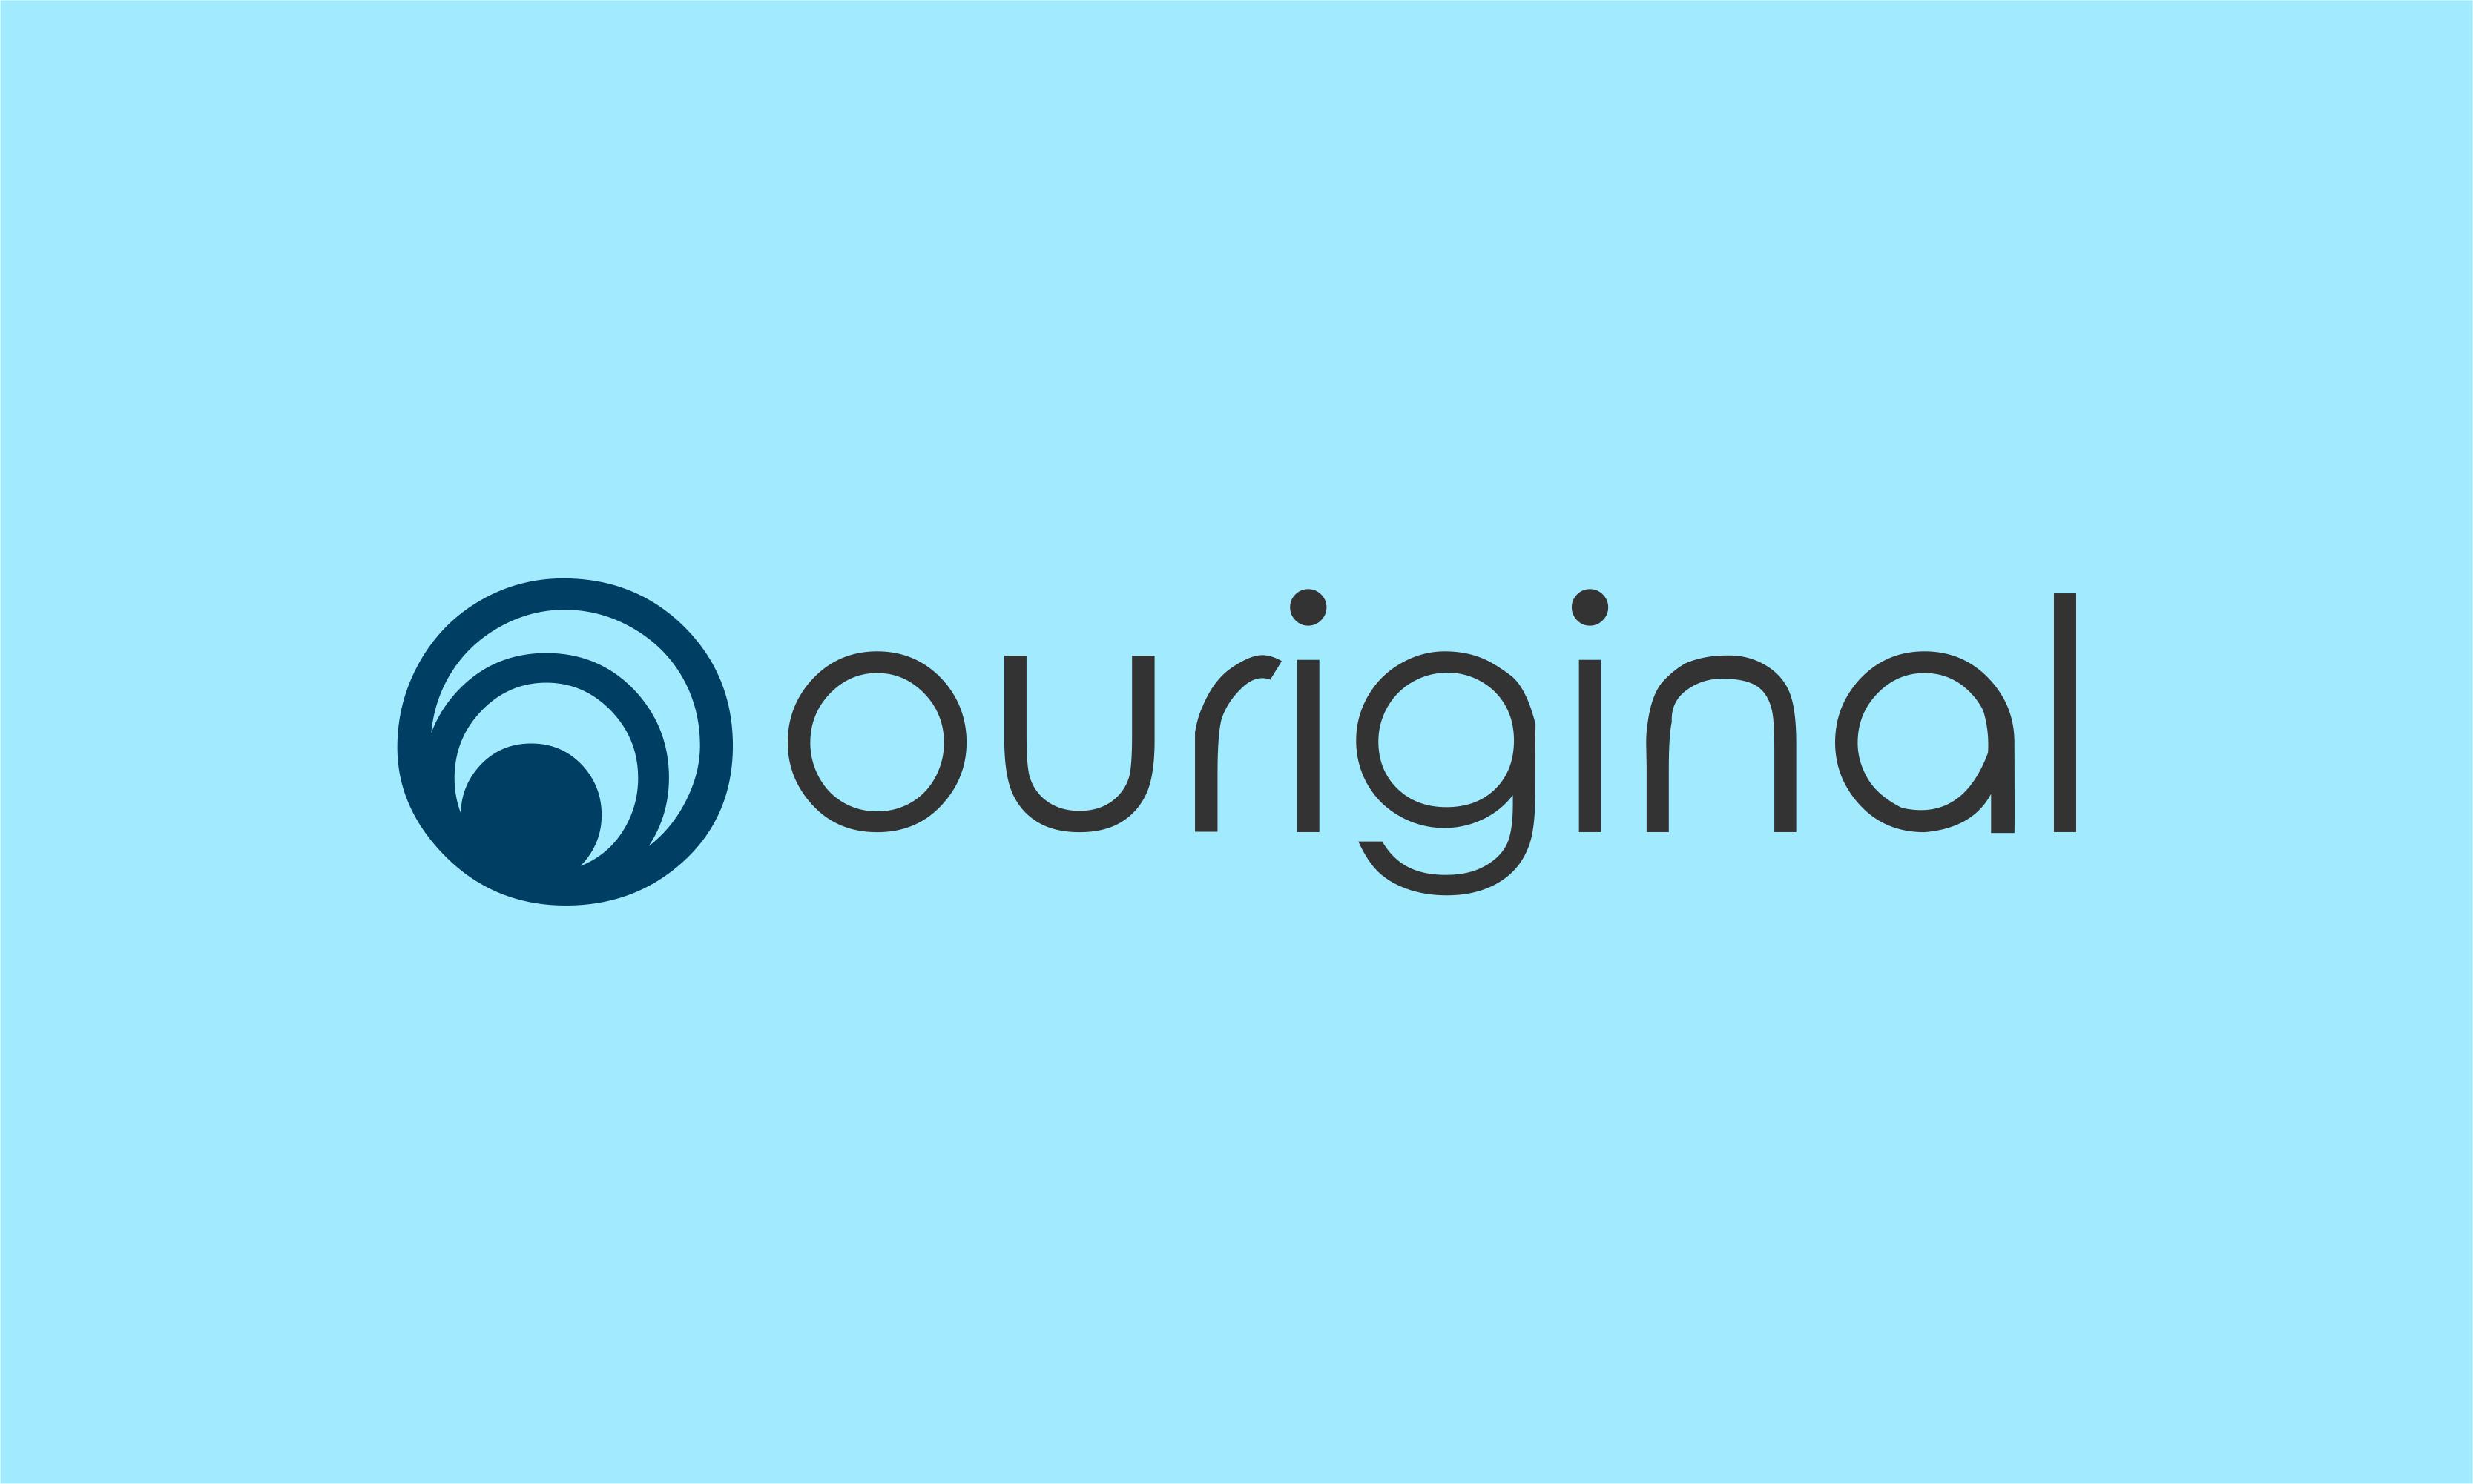 Ouriginal